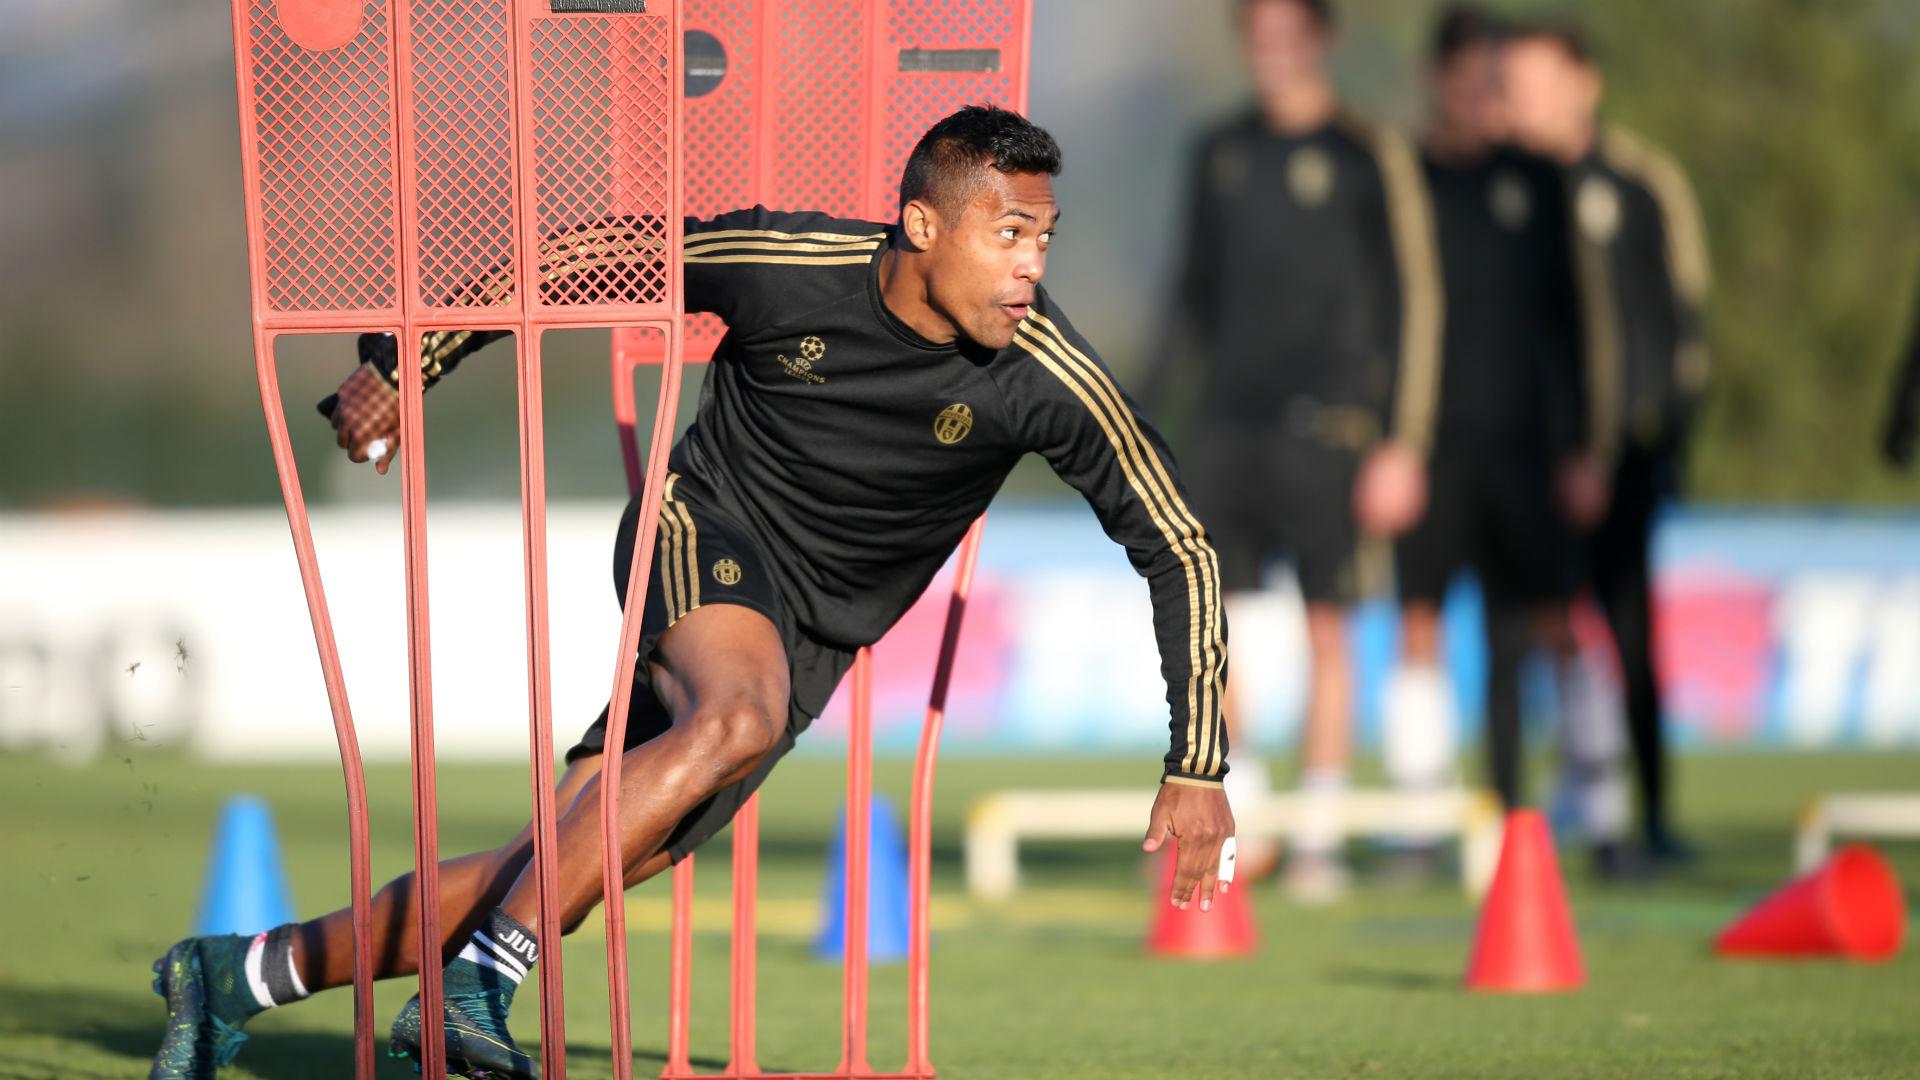 Alex Sandro Juventus Turin Training